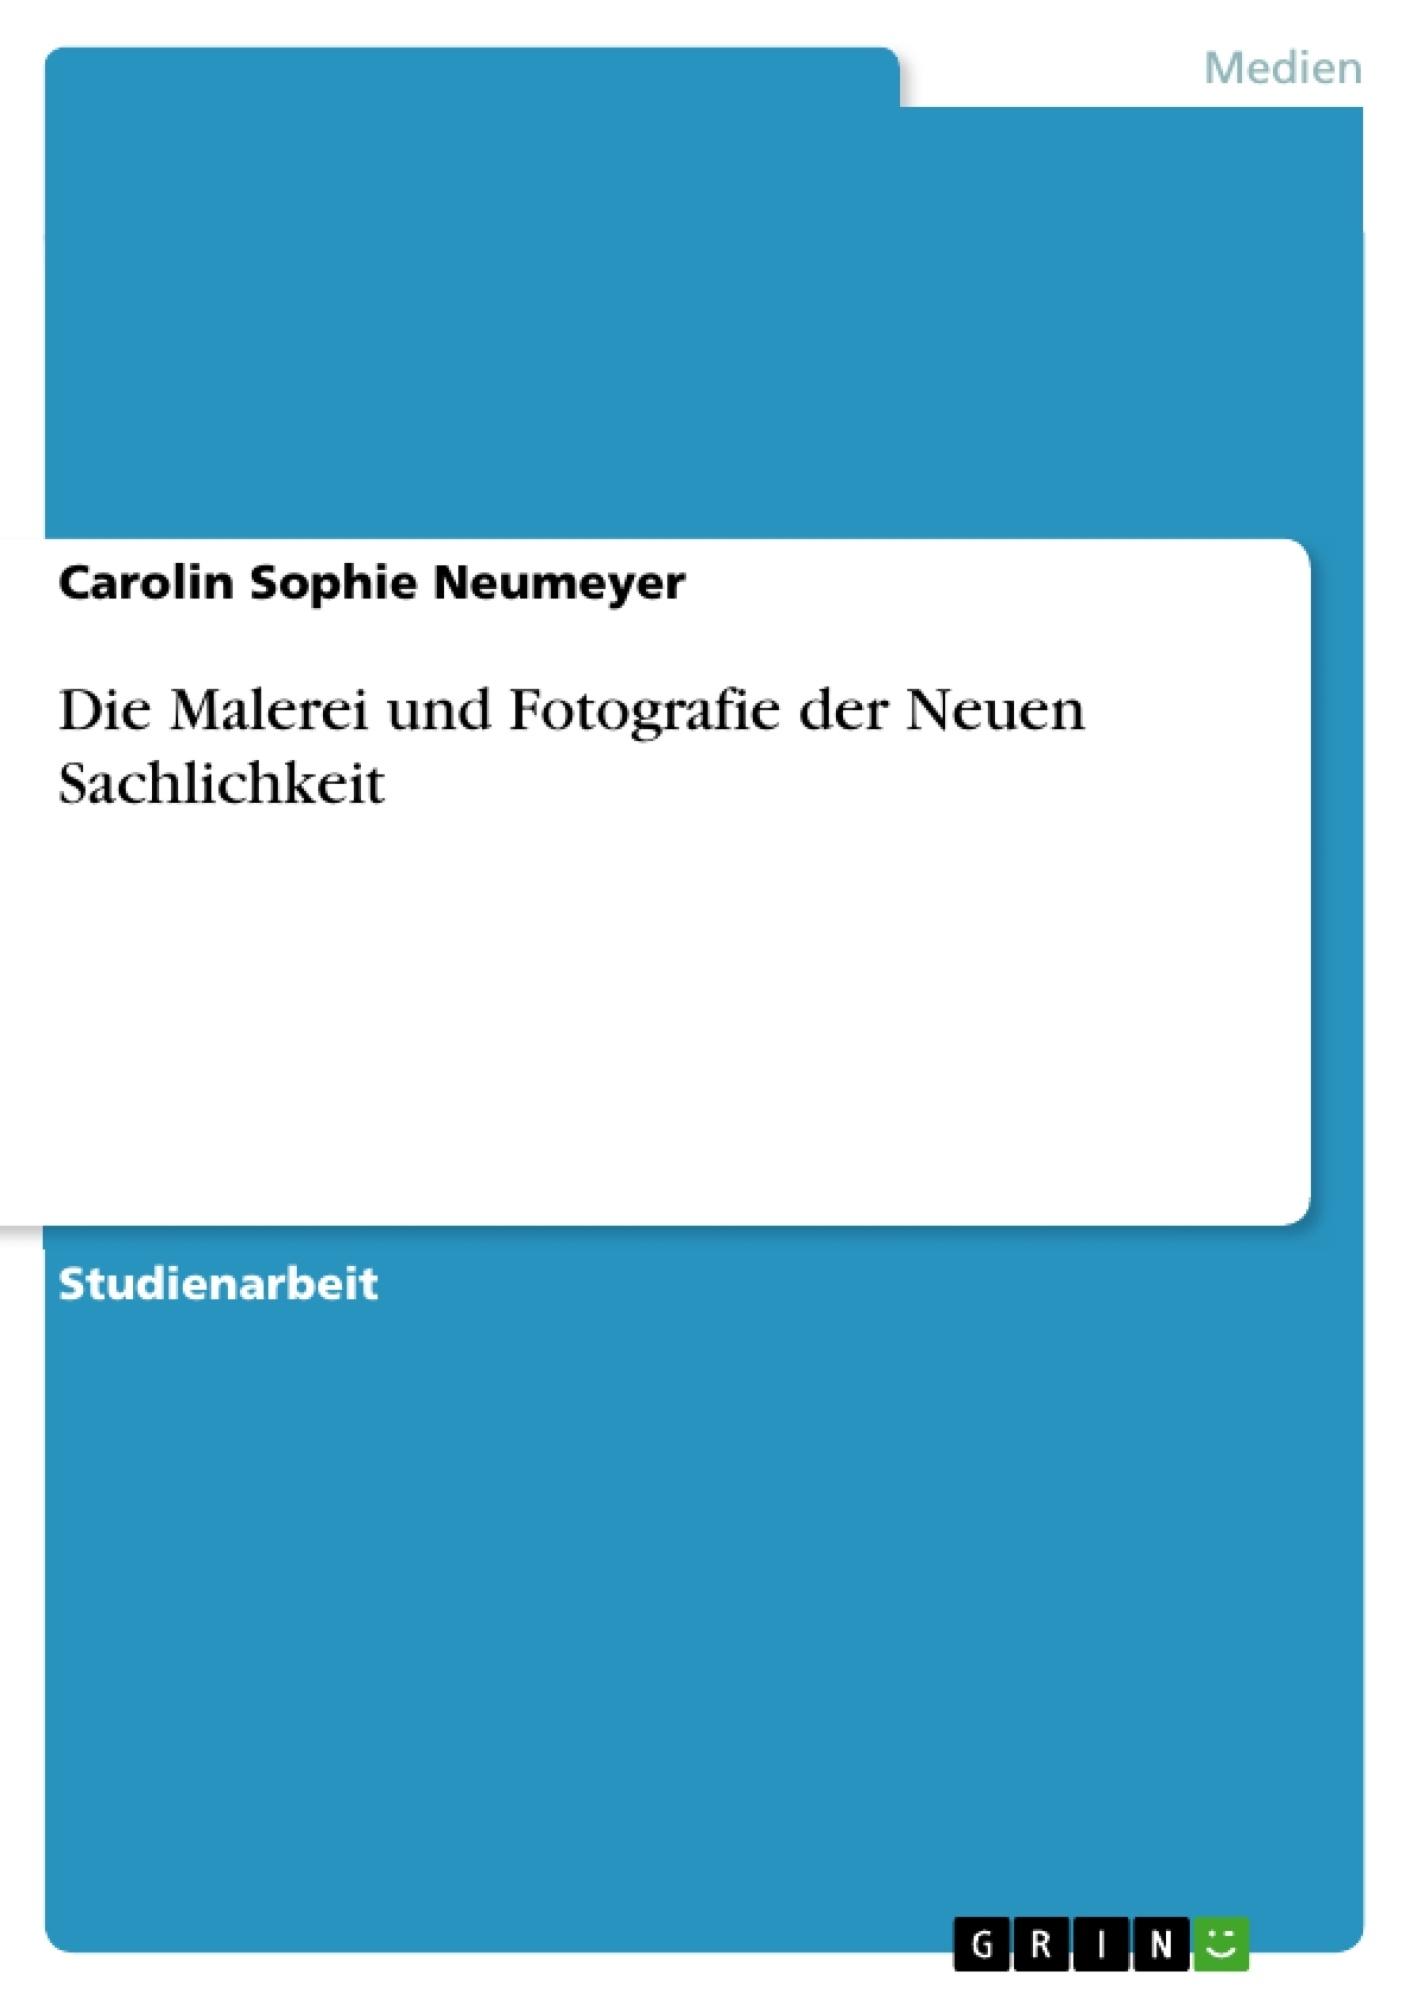 Titel: Die Malerei und Fotografie der Neuen Sachlichkeit